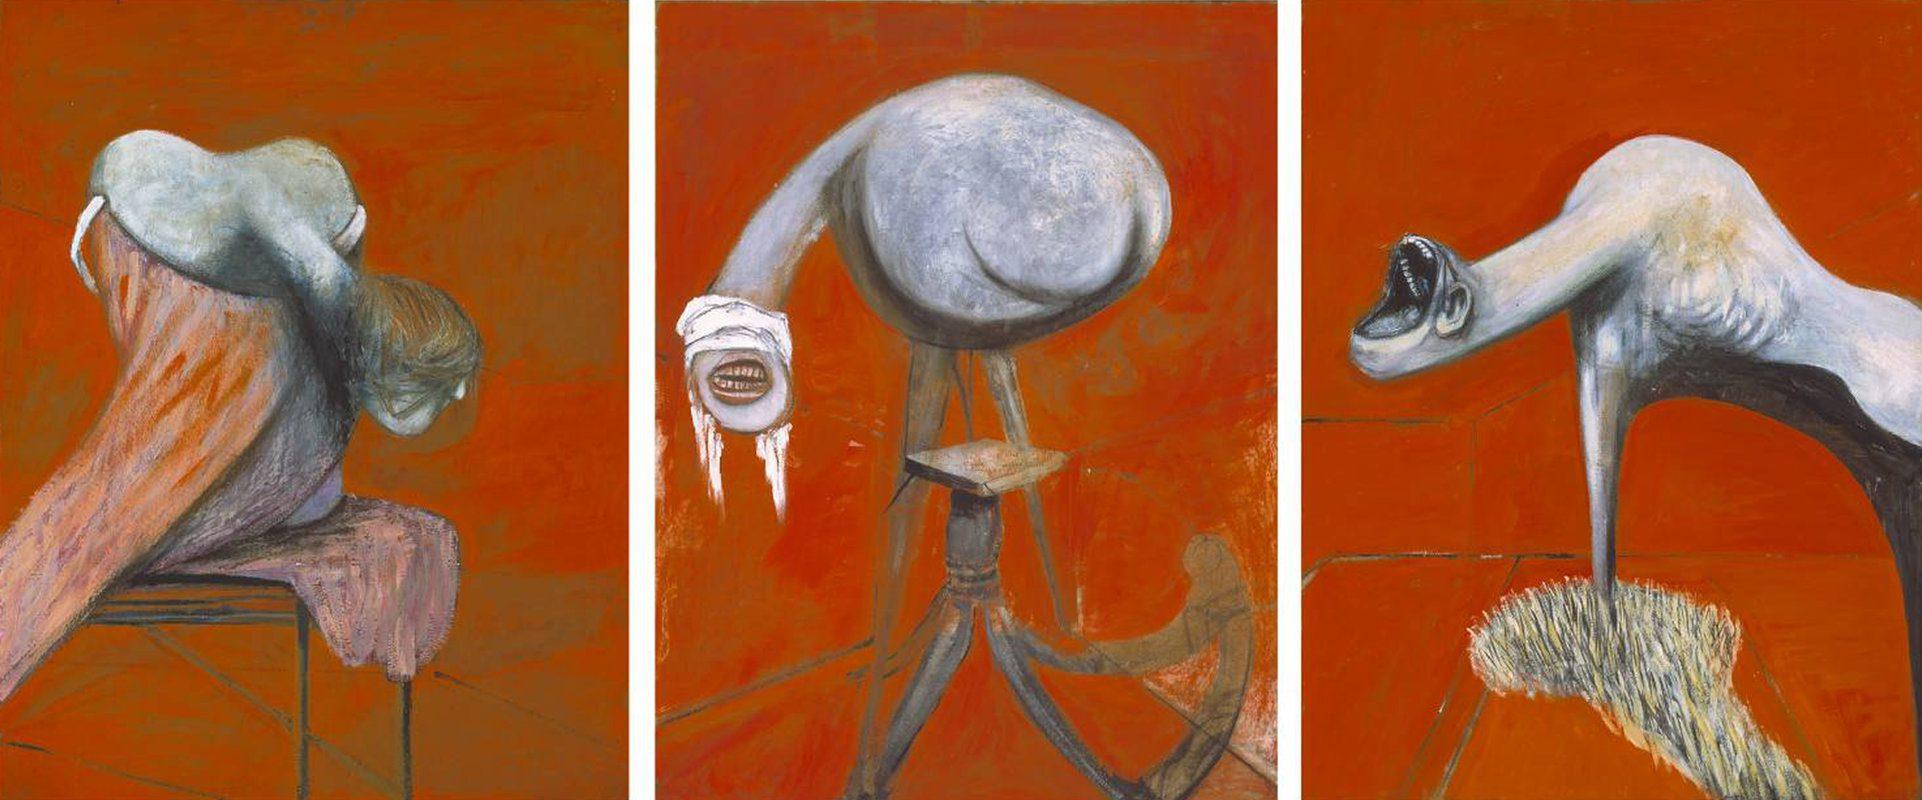 روایت و هنر | چطور نقاشیها در ذهن ما روایت میآفرینند؟